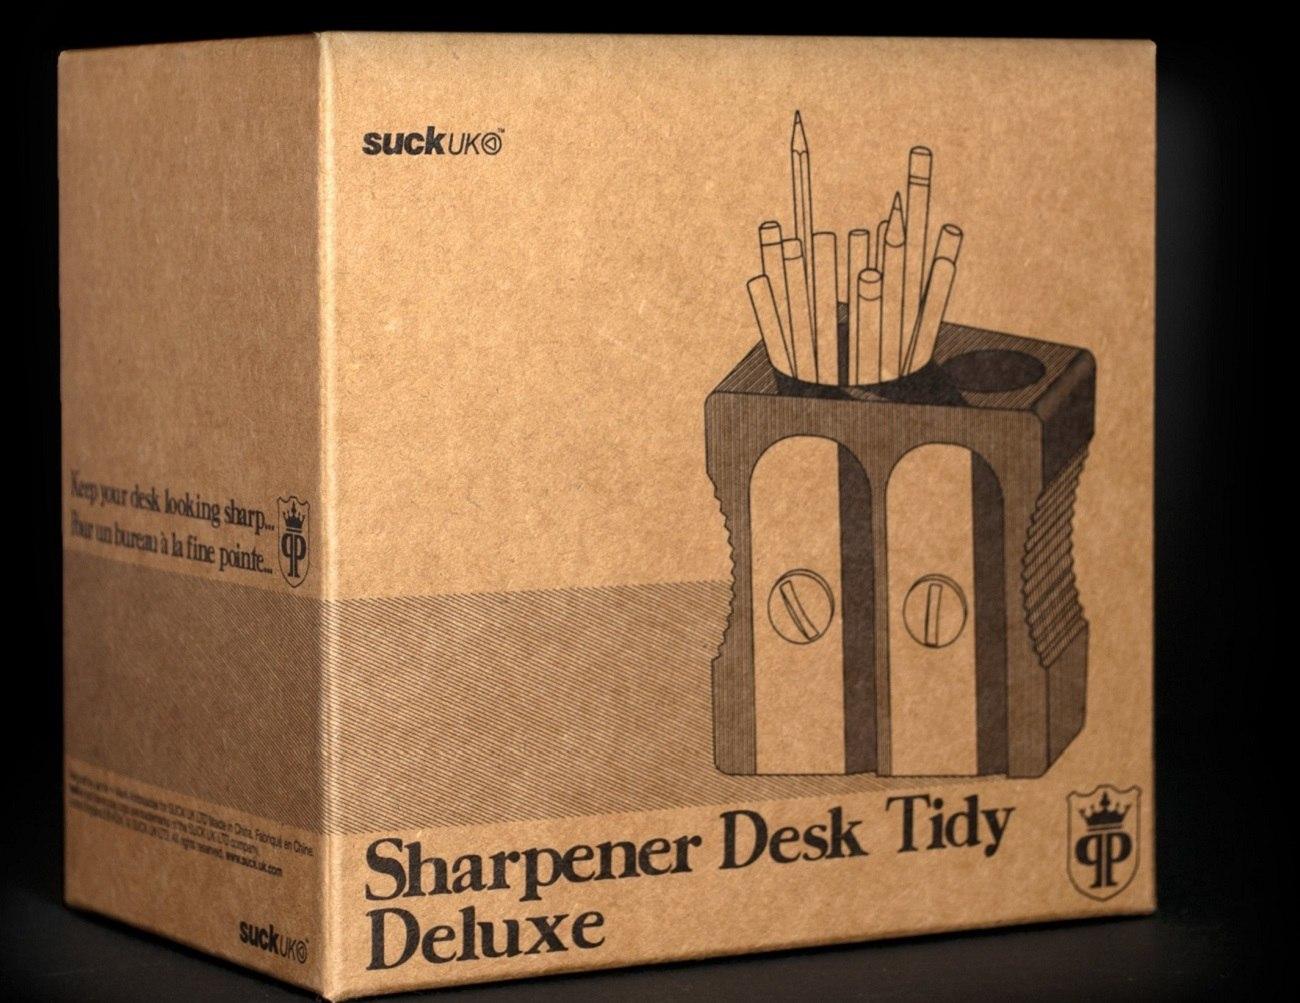 Sharpener Desk Tidy Deluxe